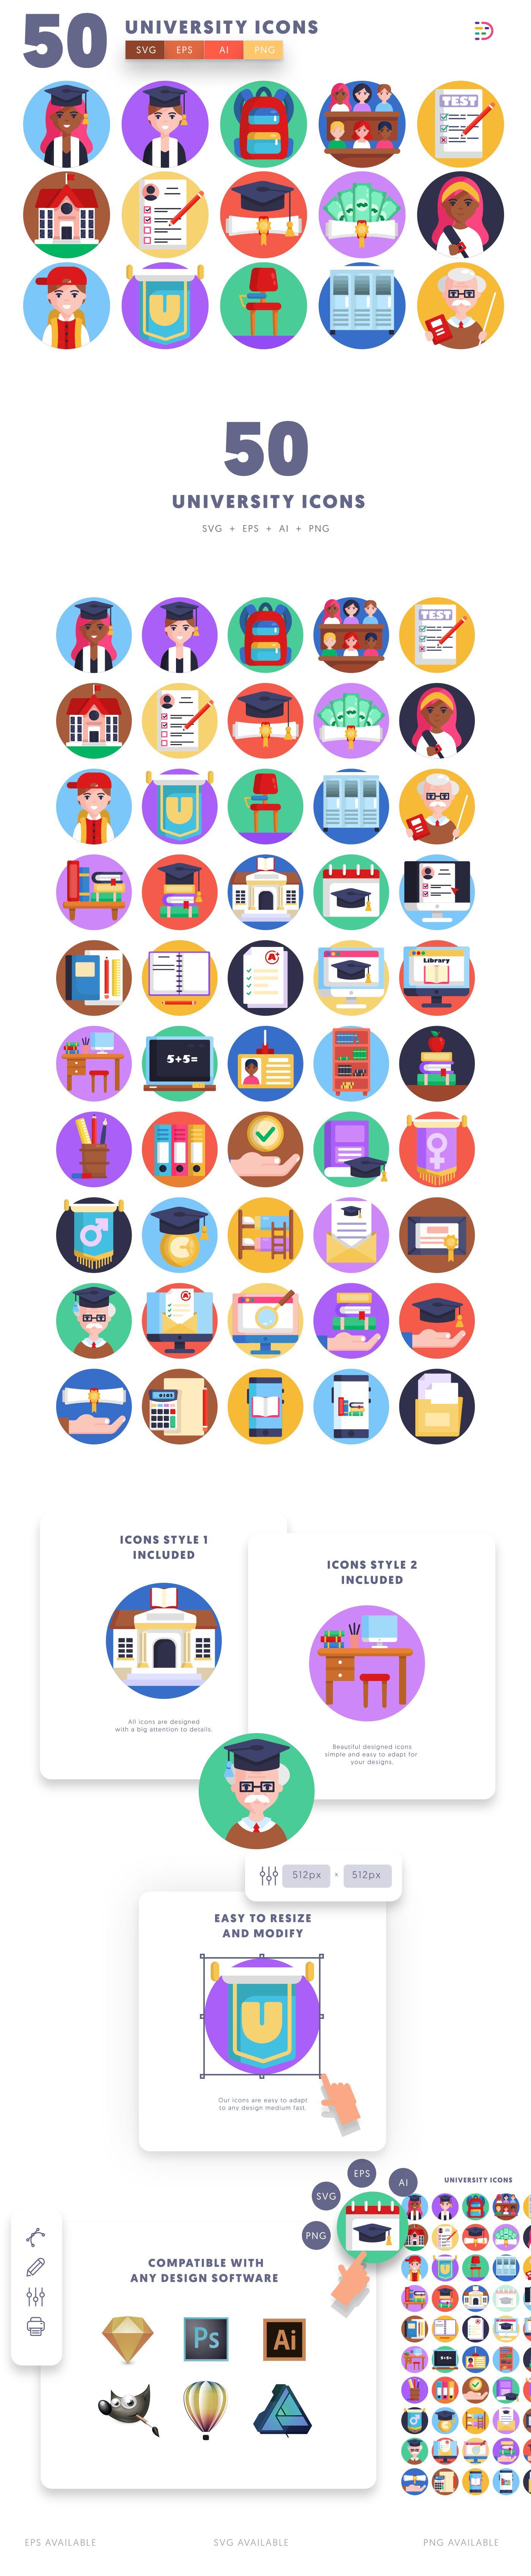 University icons info graphic